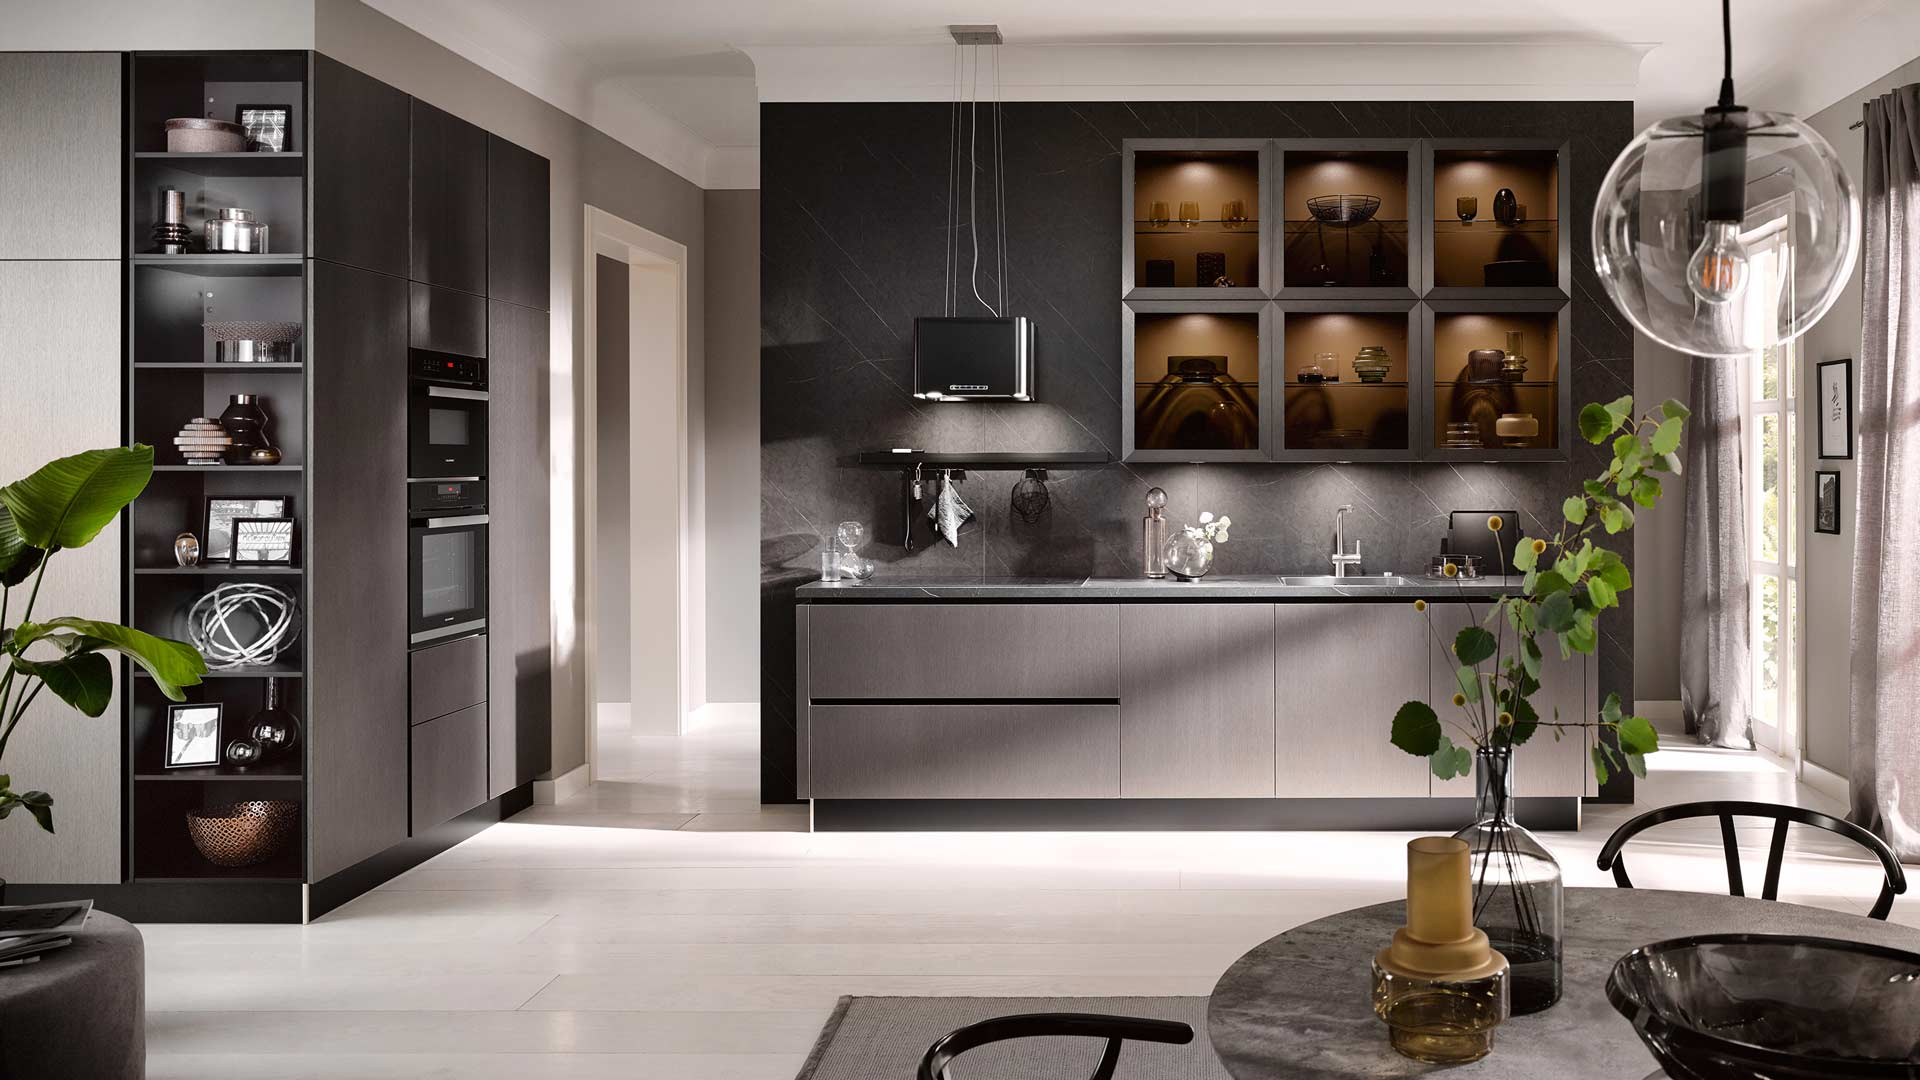 Küchentrends 2020 Häcker Metallic Optik und Haptik im Miele Center Pellet